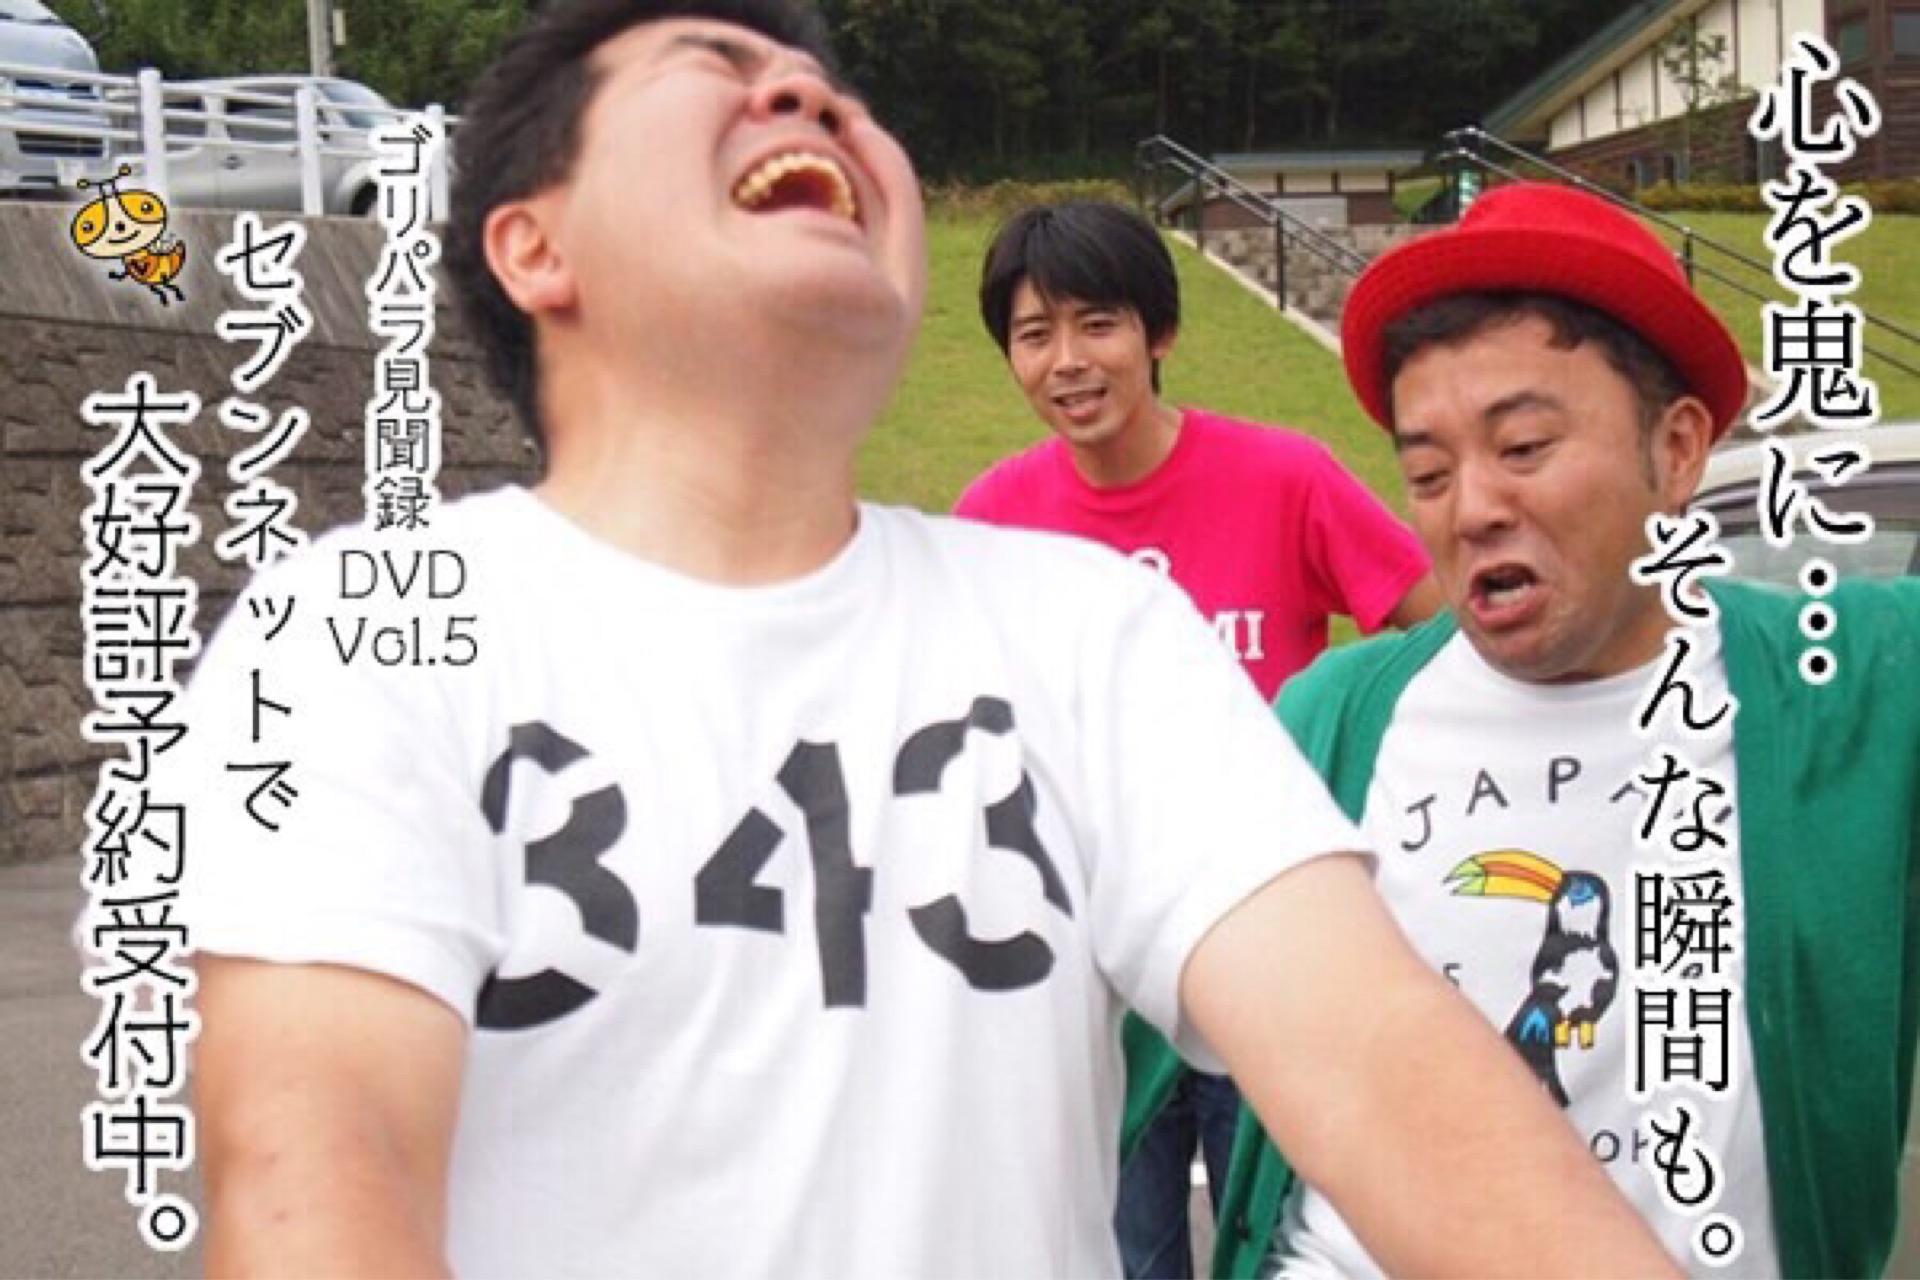 【HKT48】田中菜津美 応援スレ☆26【なつみかん】©2ch.netYouTube動画>11本 ->画像>487枚